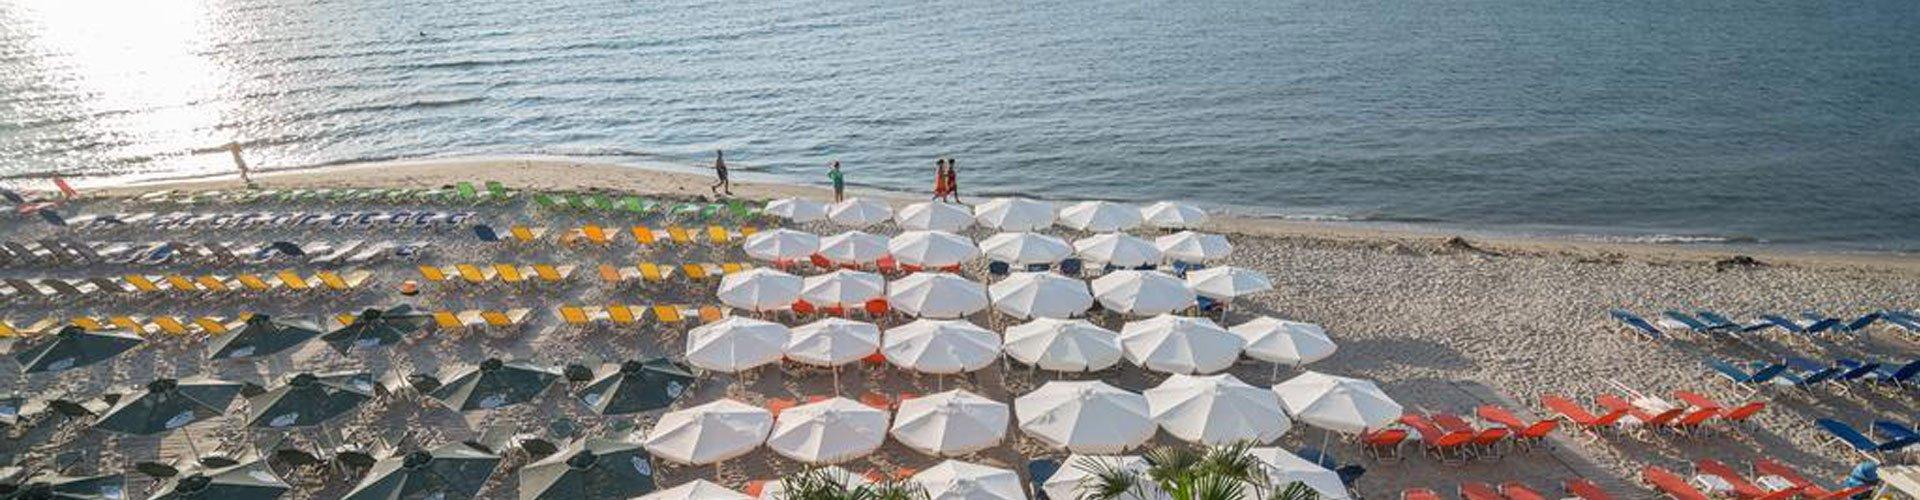 Paralia plaža